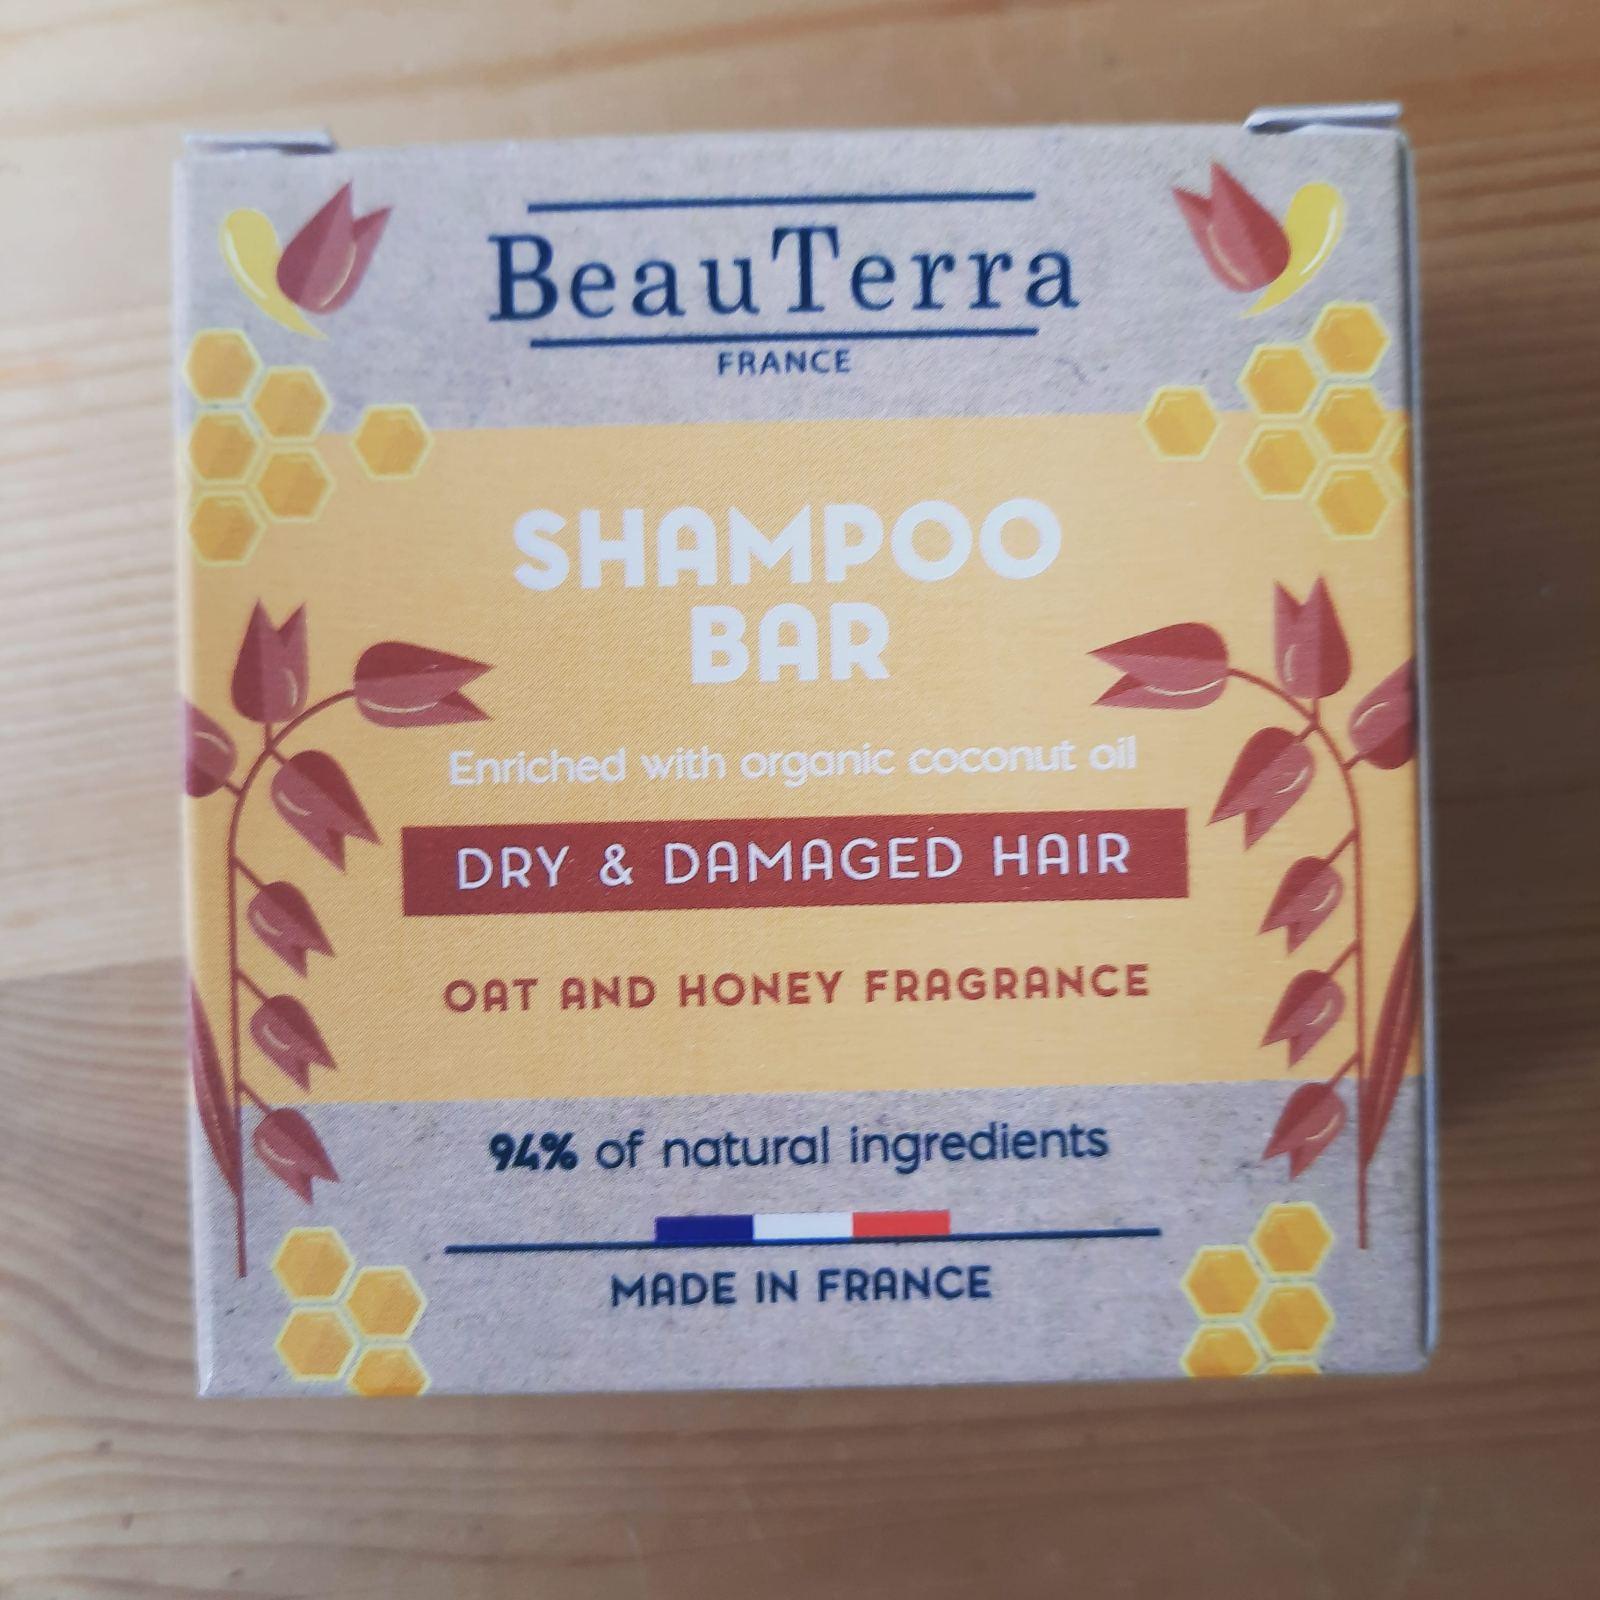 How to use shampoo bar